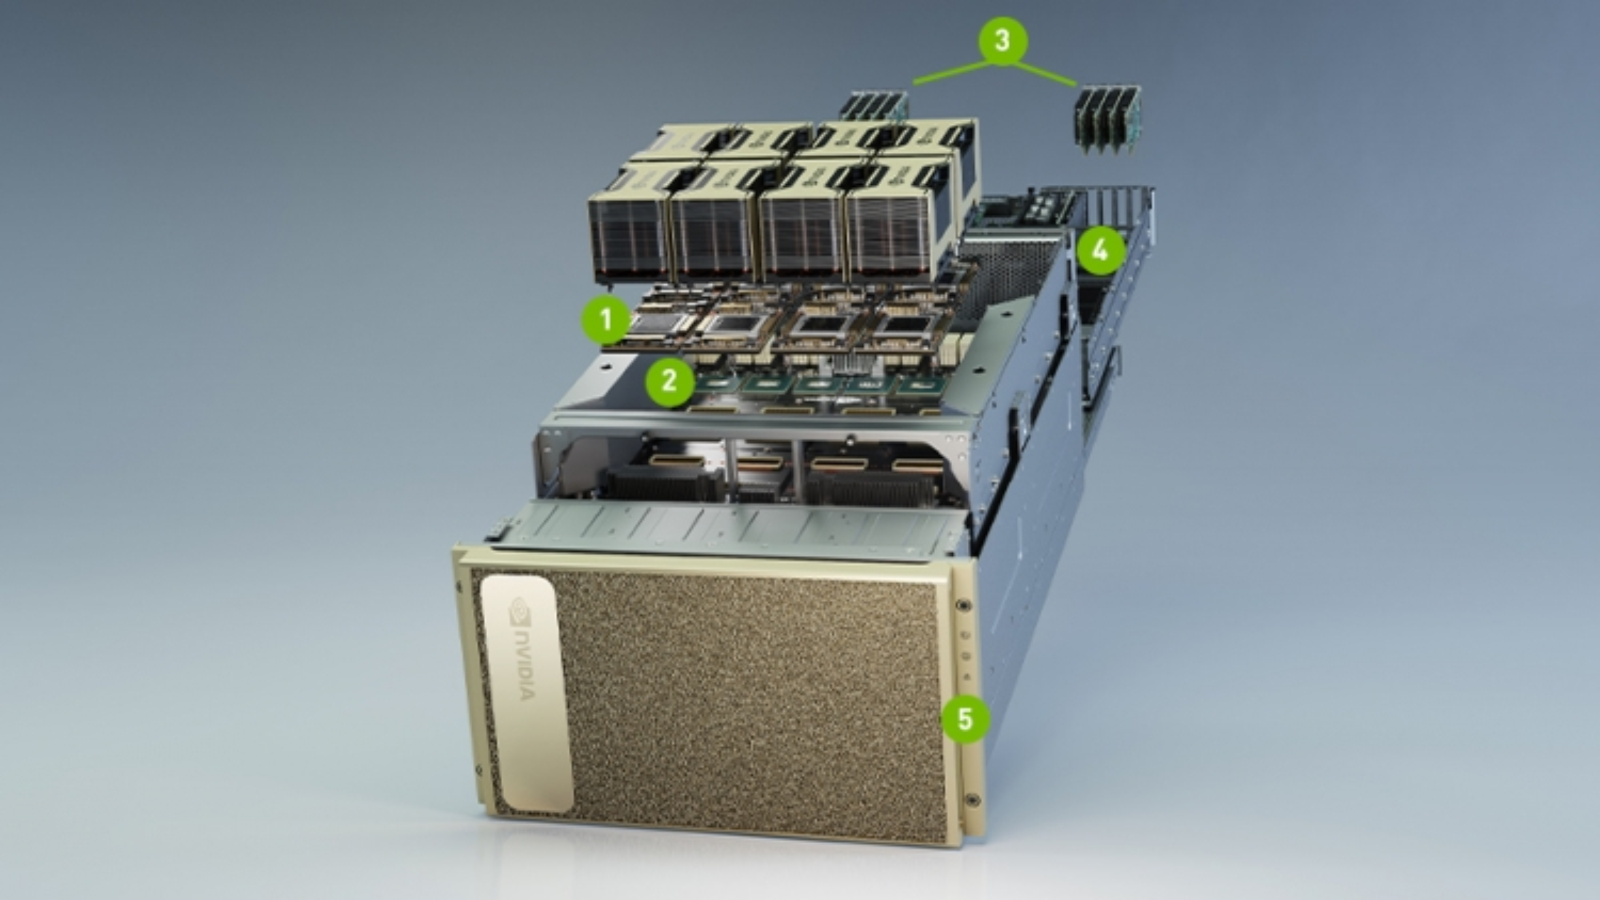 Nvidia công bố máy chủ DGX Station A100 thế hệ thứ 2 với 4 GPU 80GB